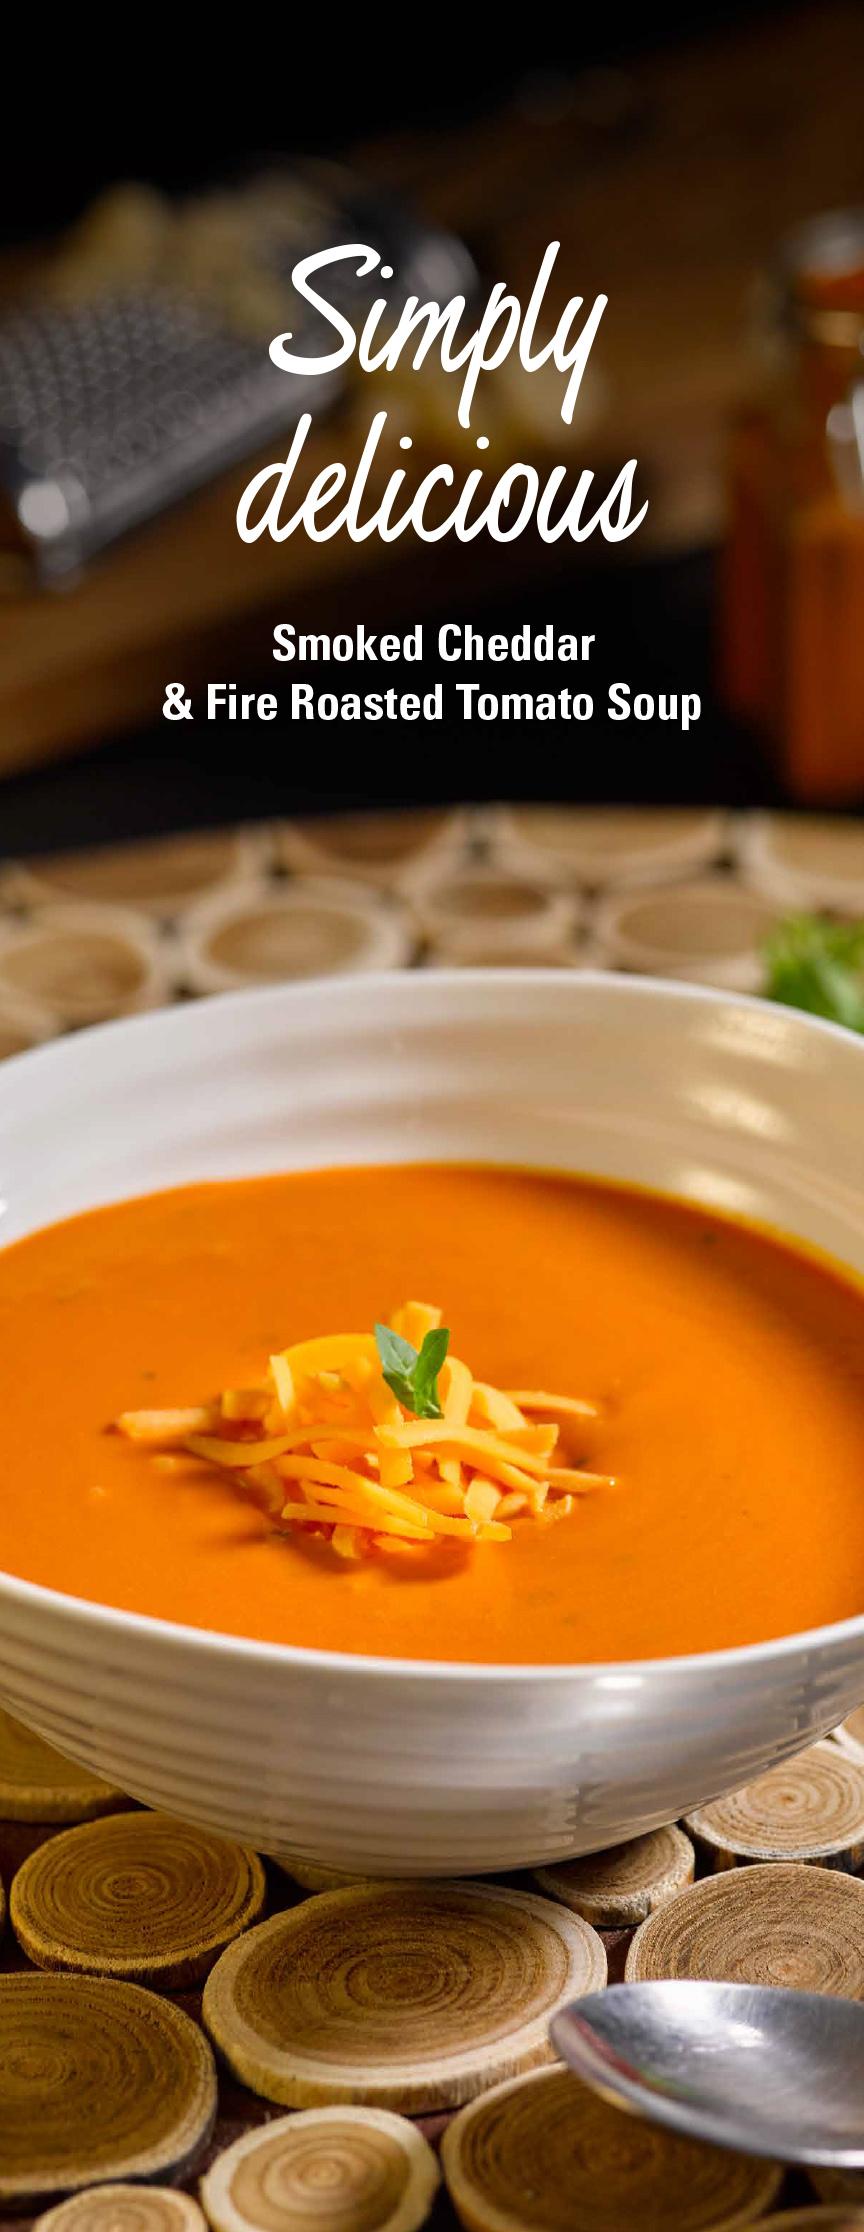 ge_2015_fall_slim_board_tomato_soup_v1.jpg